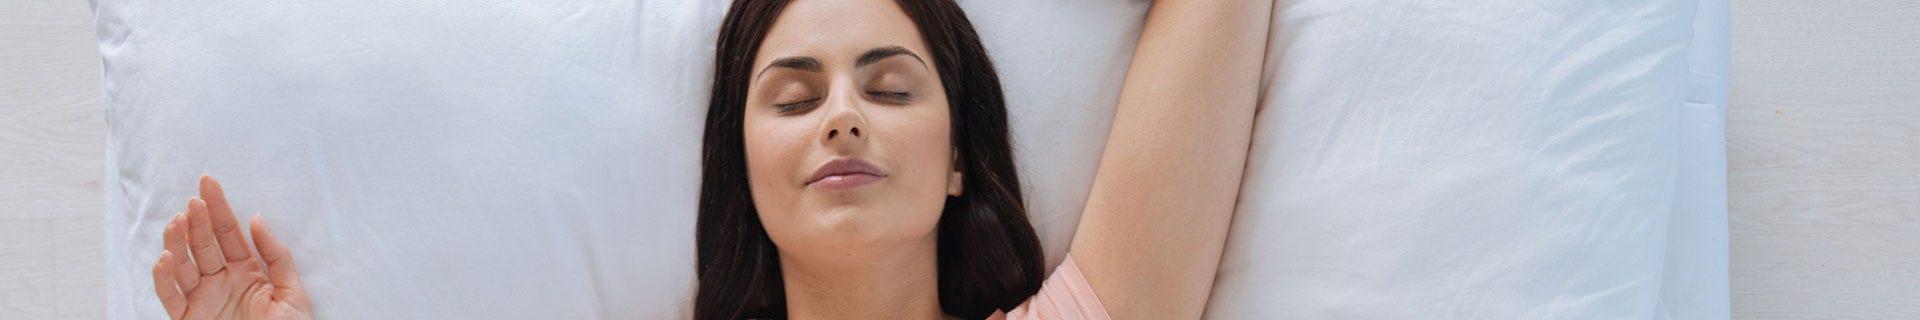 Almohadas para dormir boca arriba